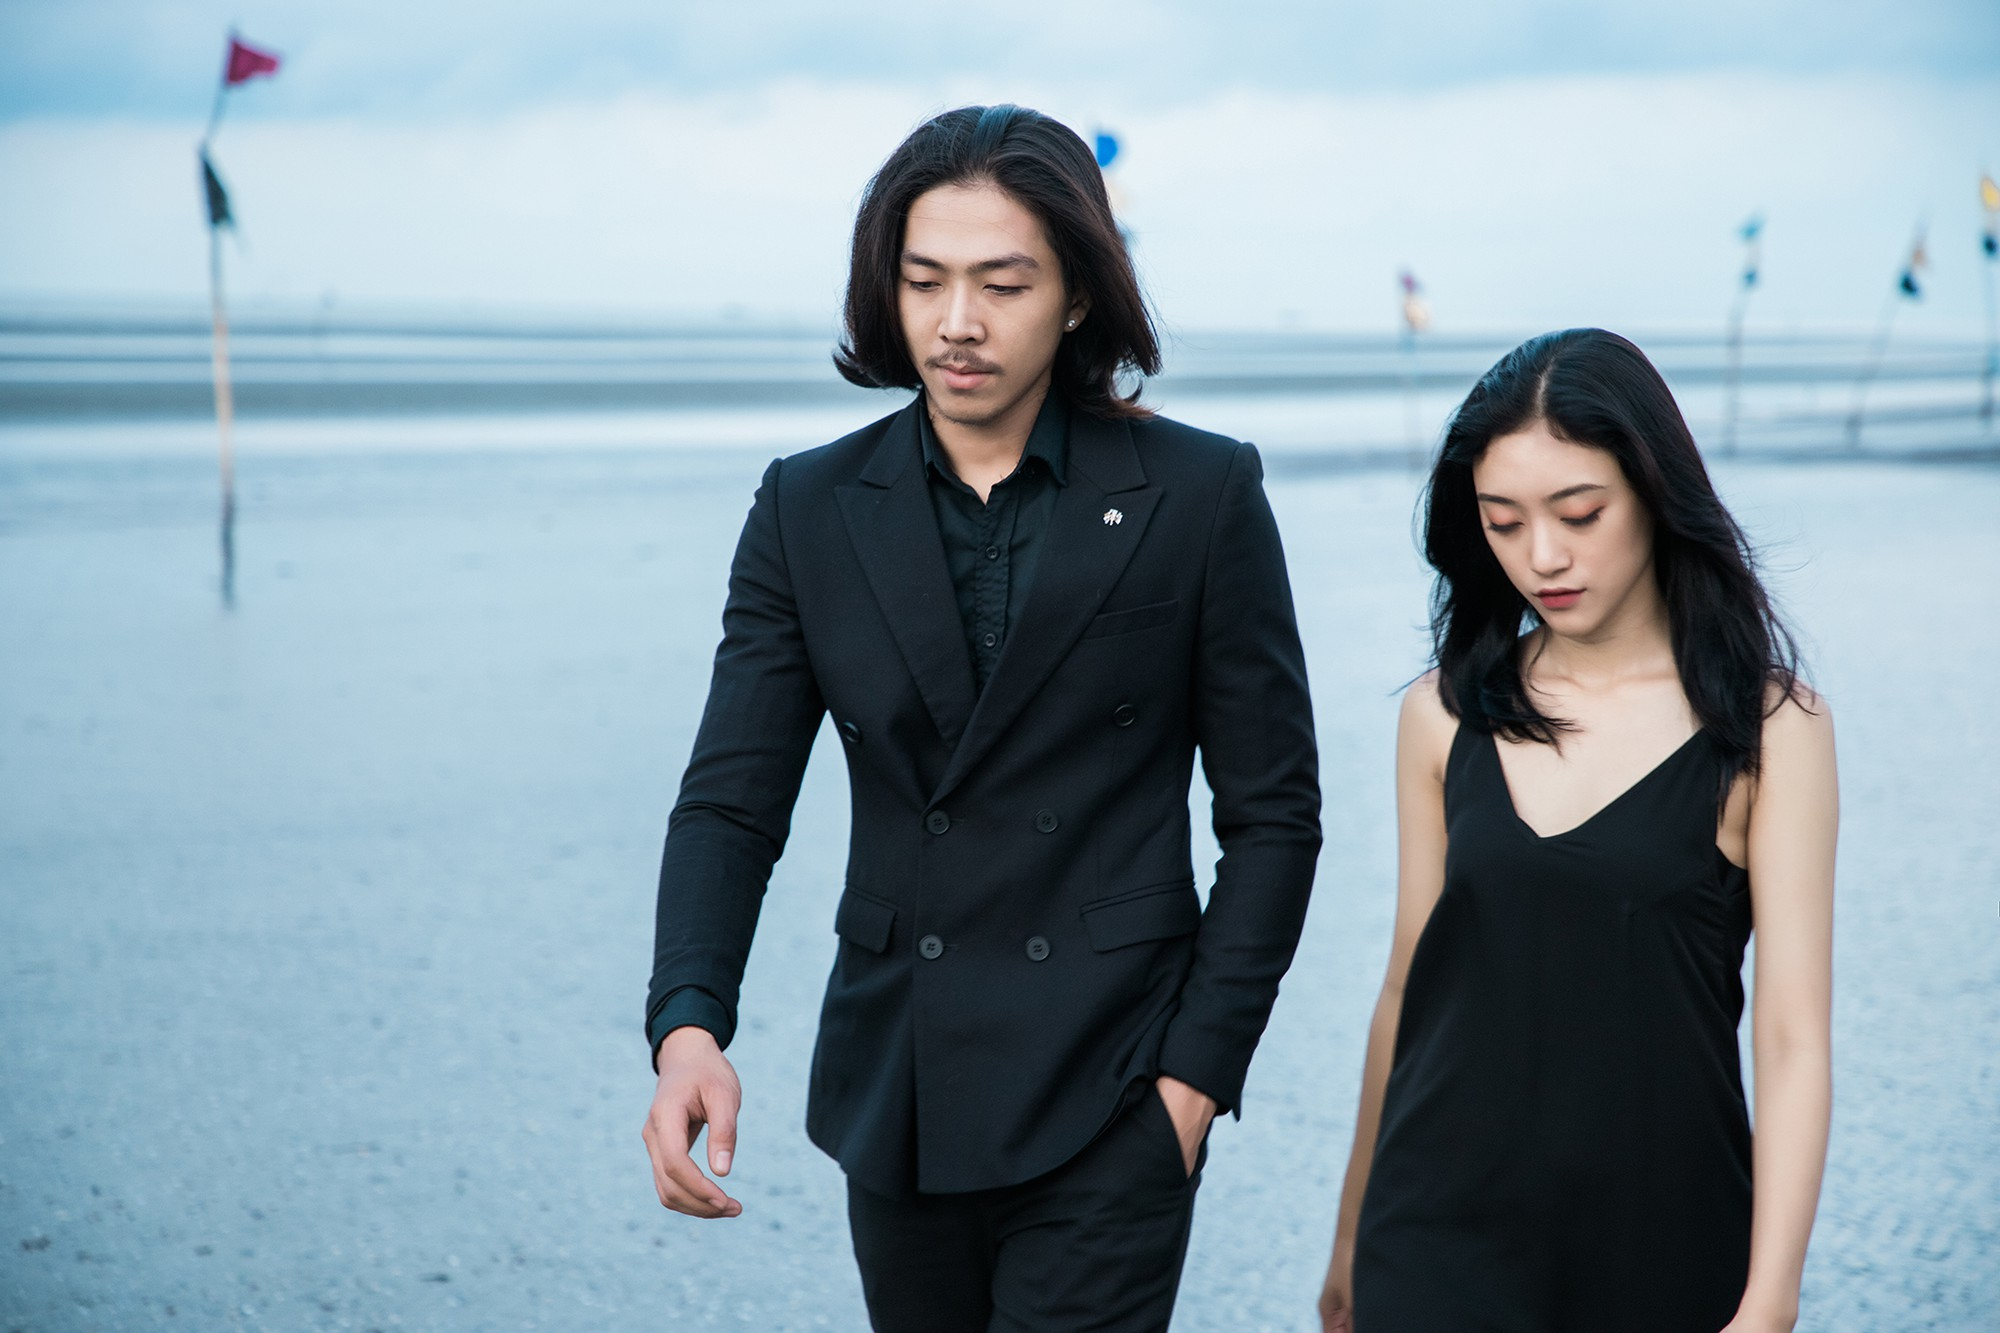 Phát hiện toạ độ chụp ảnh đẹp như ngôn tình Hàn Quốc tại biển Cần Giờ - Ảnh 7.